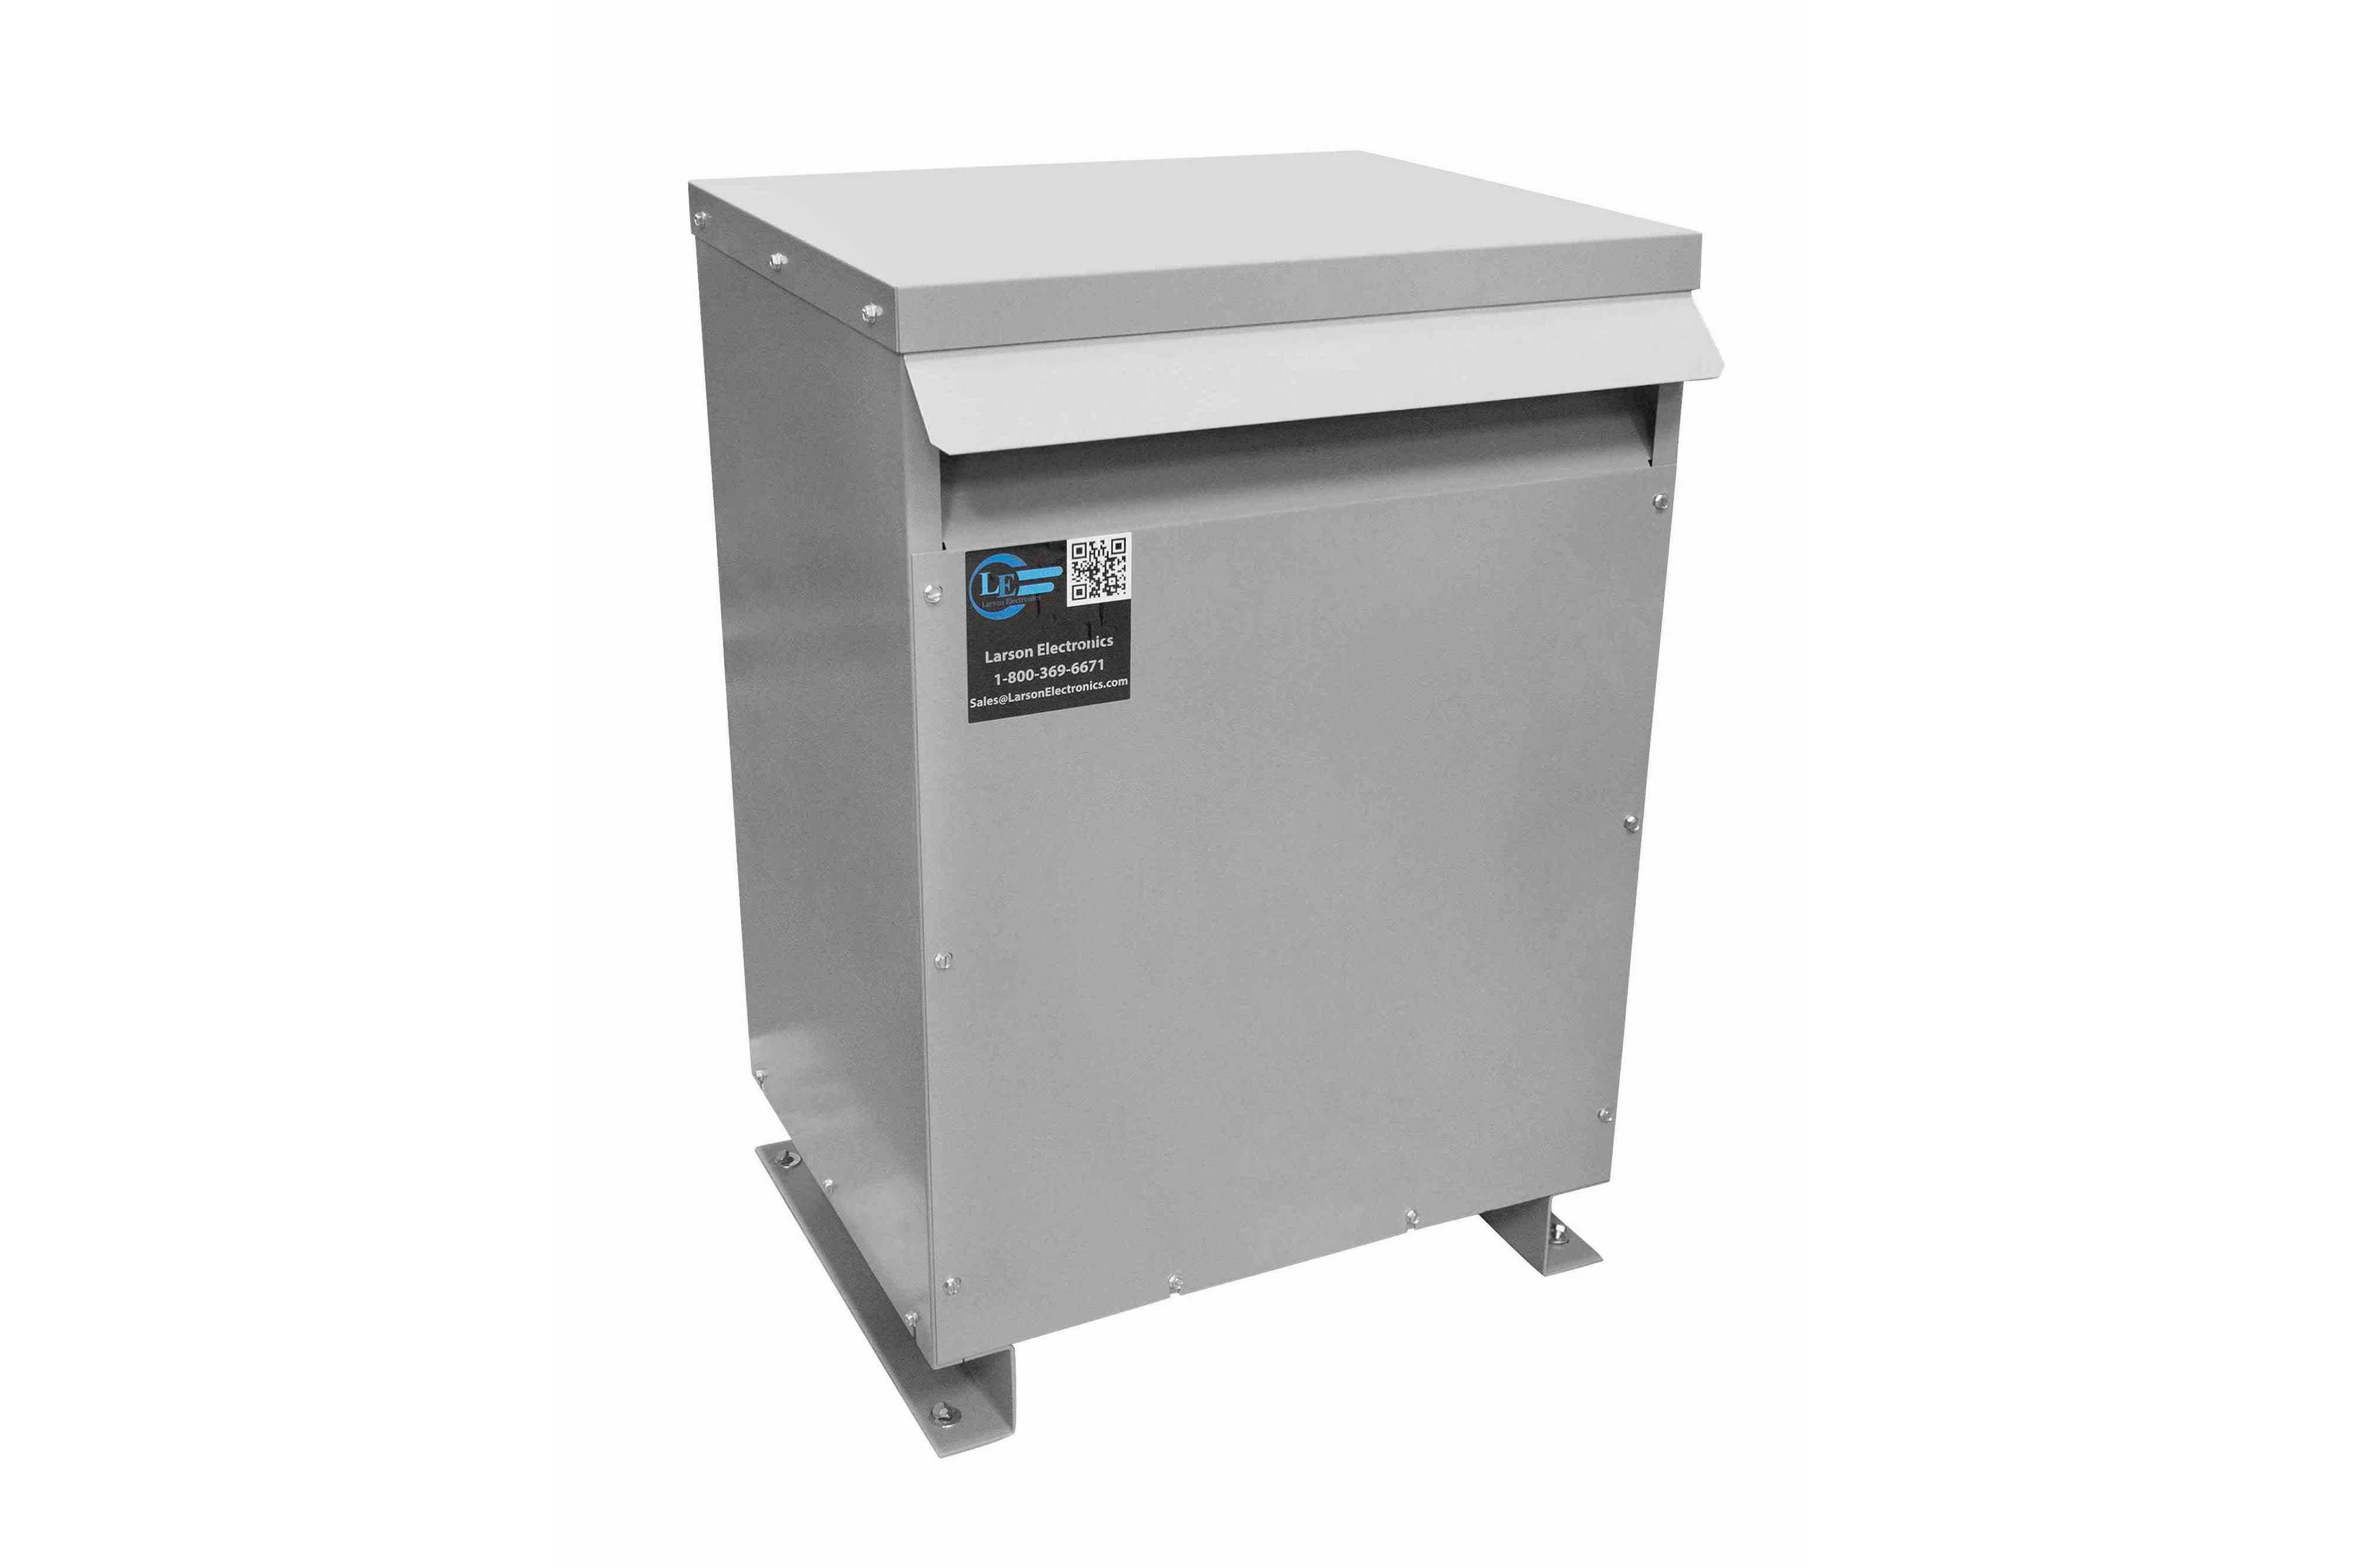 90 kVA 3PH Isolation Transformer, 575V Delta Primary, 240 Delta Secondary, N3R, Ventilated, 60 Hz